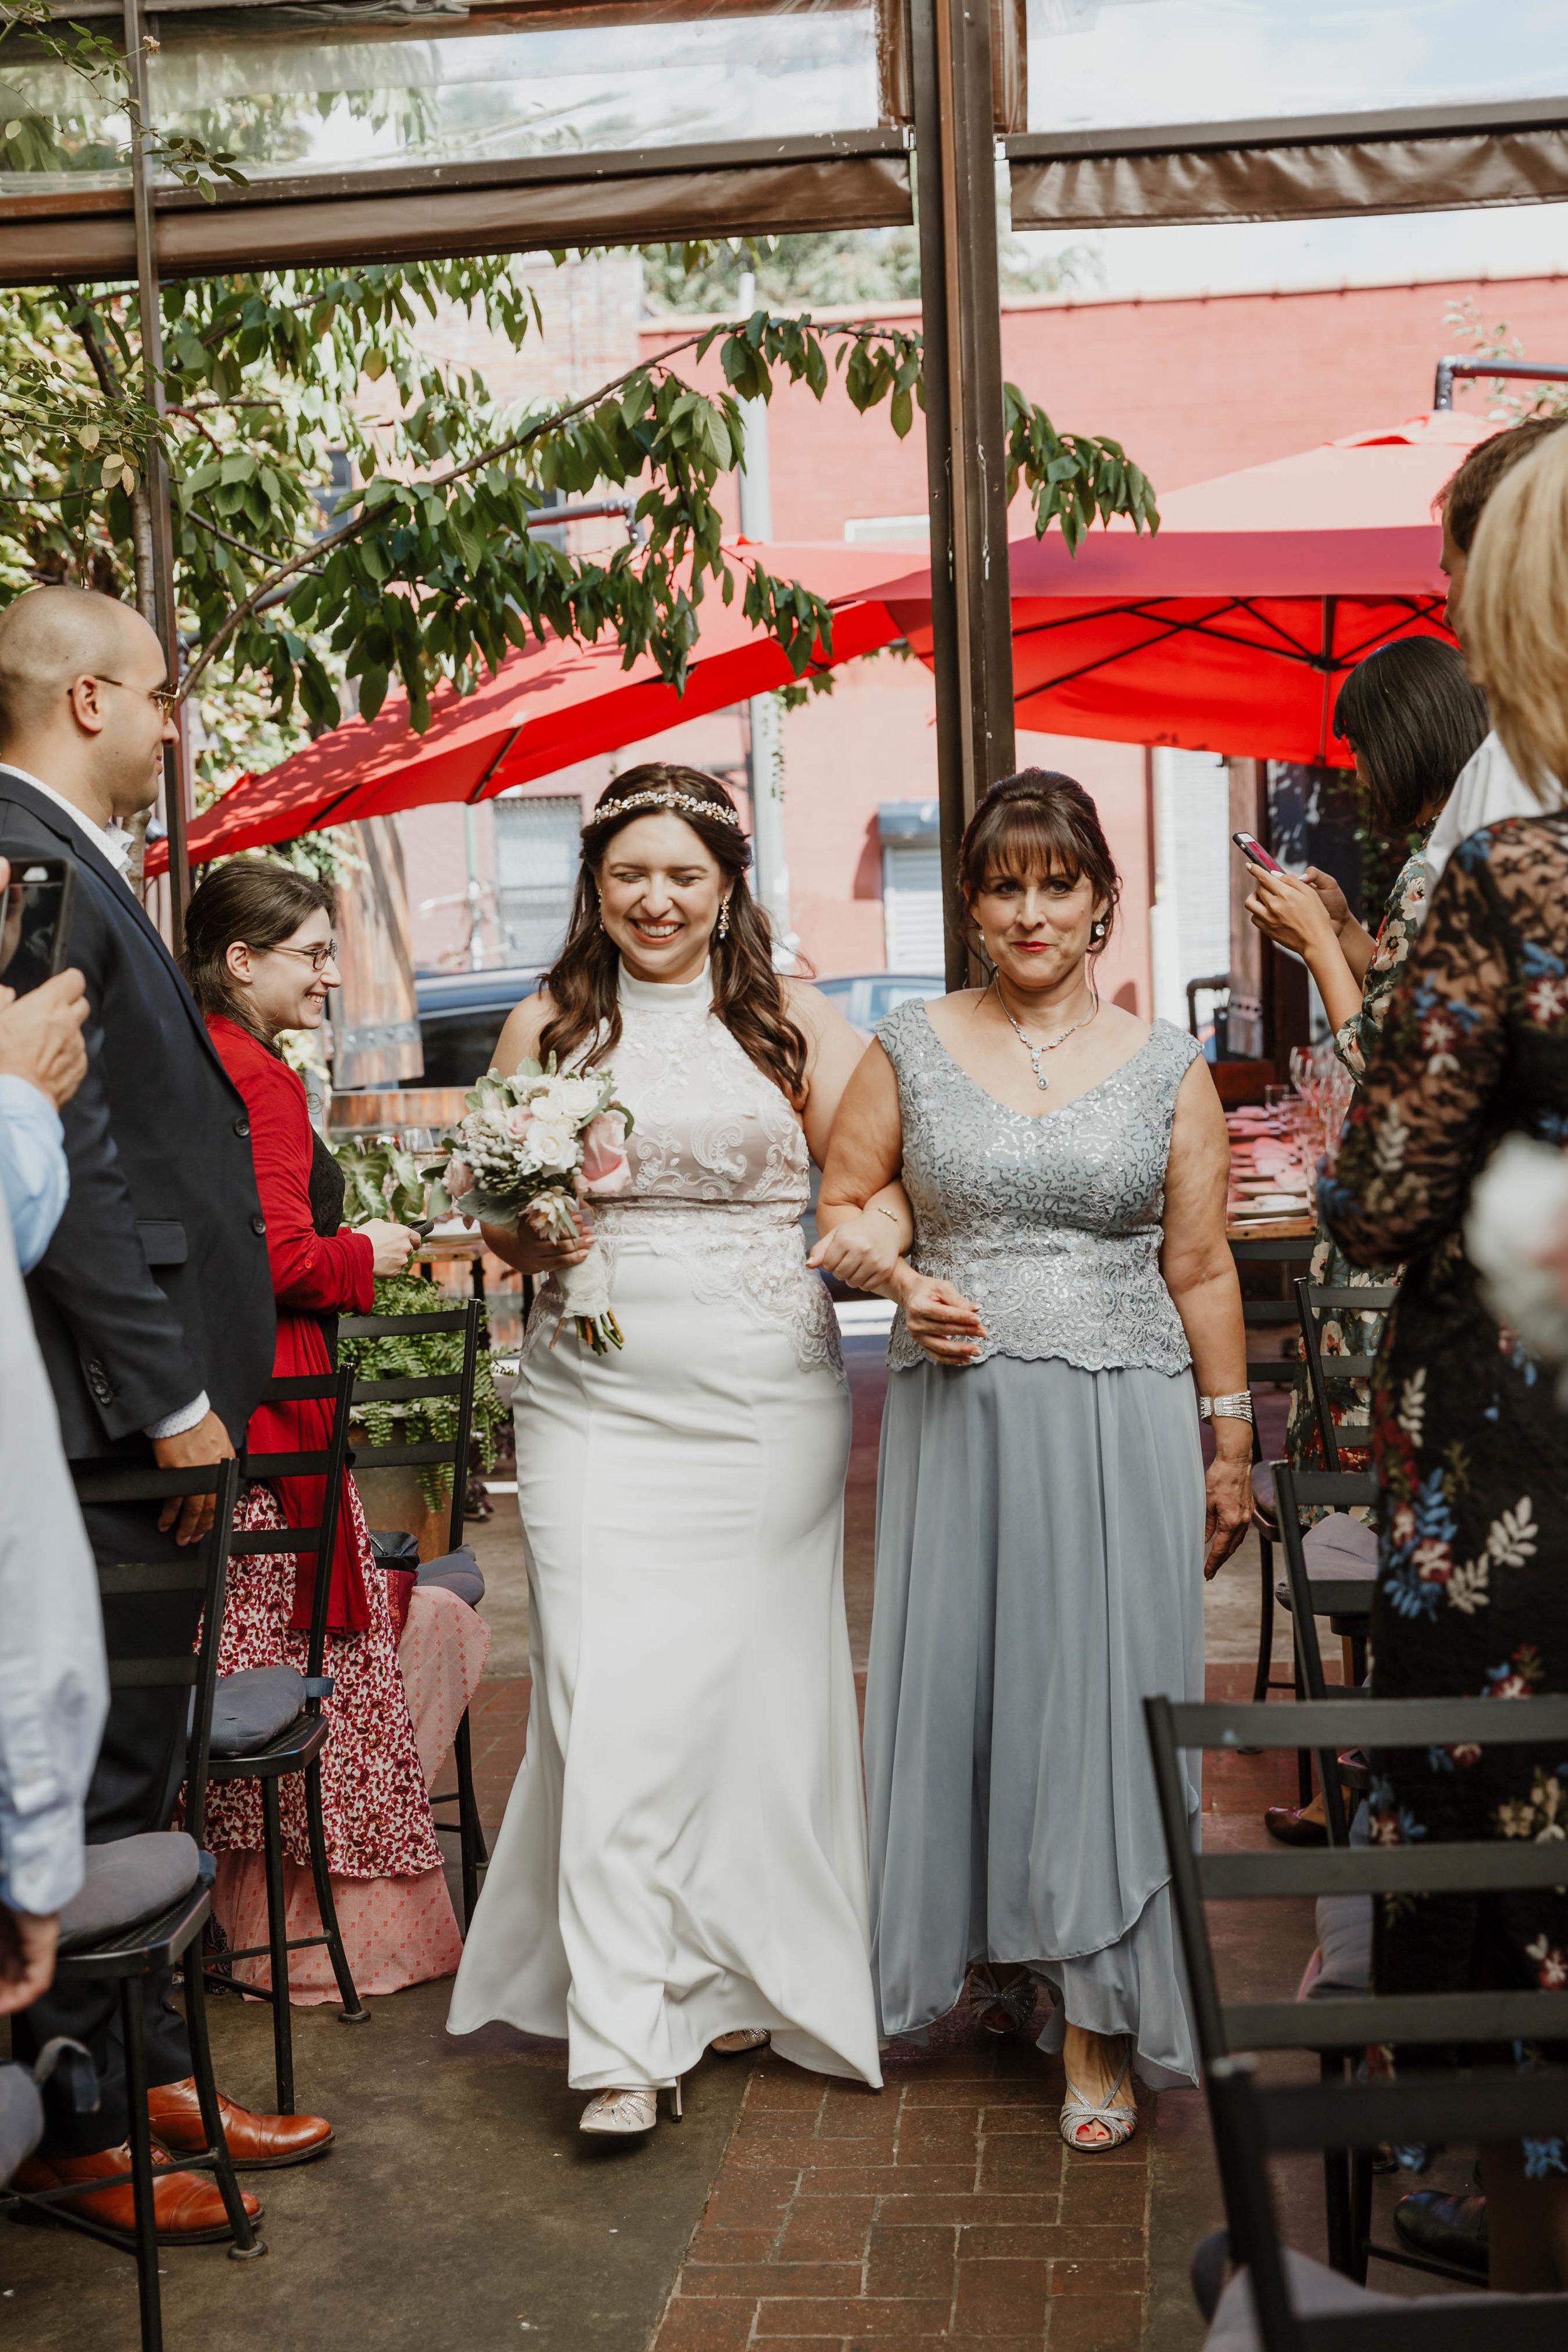 aurora-restaurant-wedding-photographer-elizabeth-tsung-photo-43.jpg